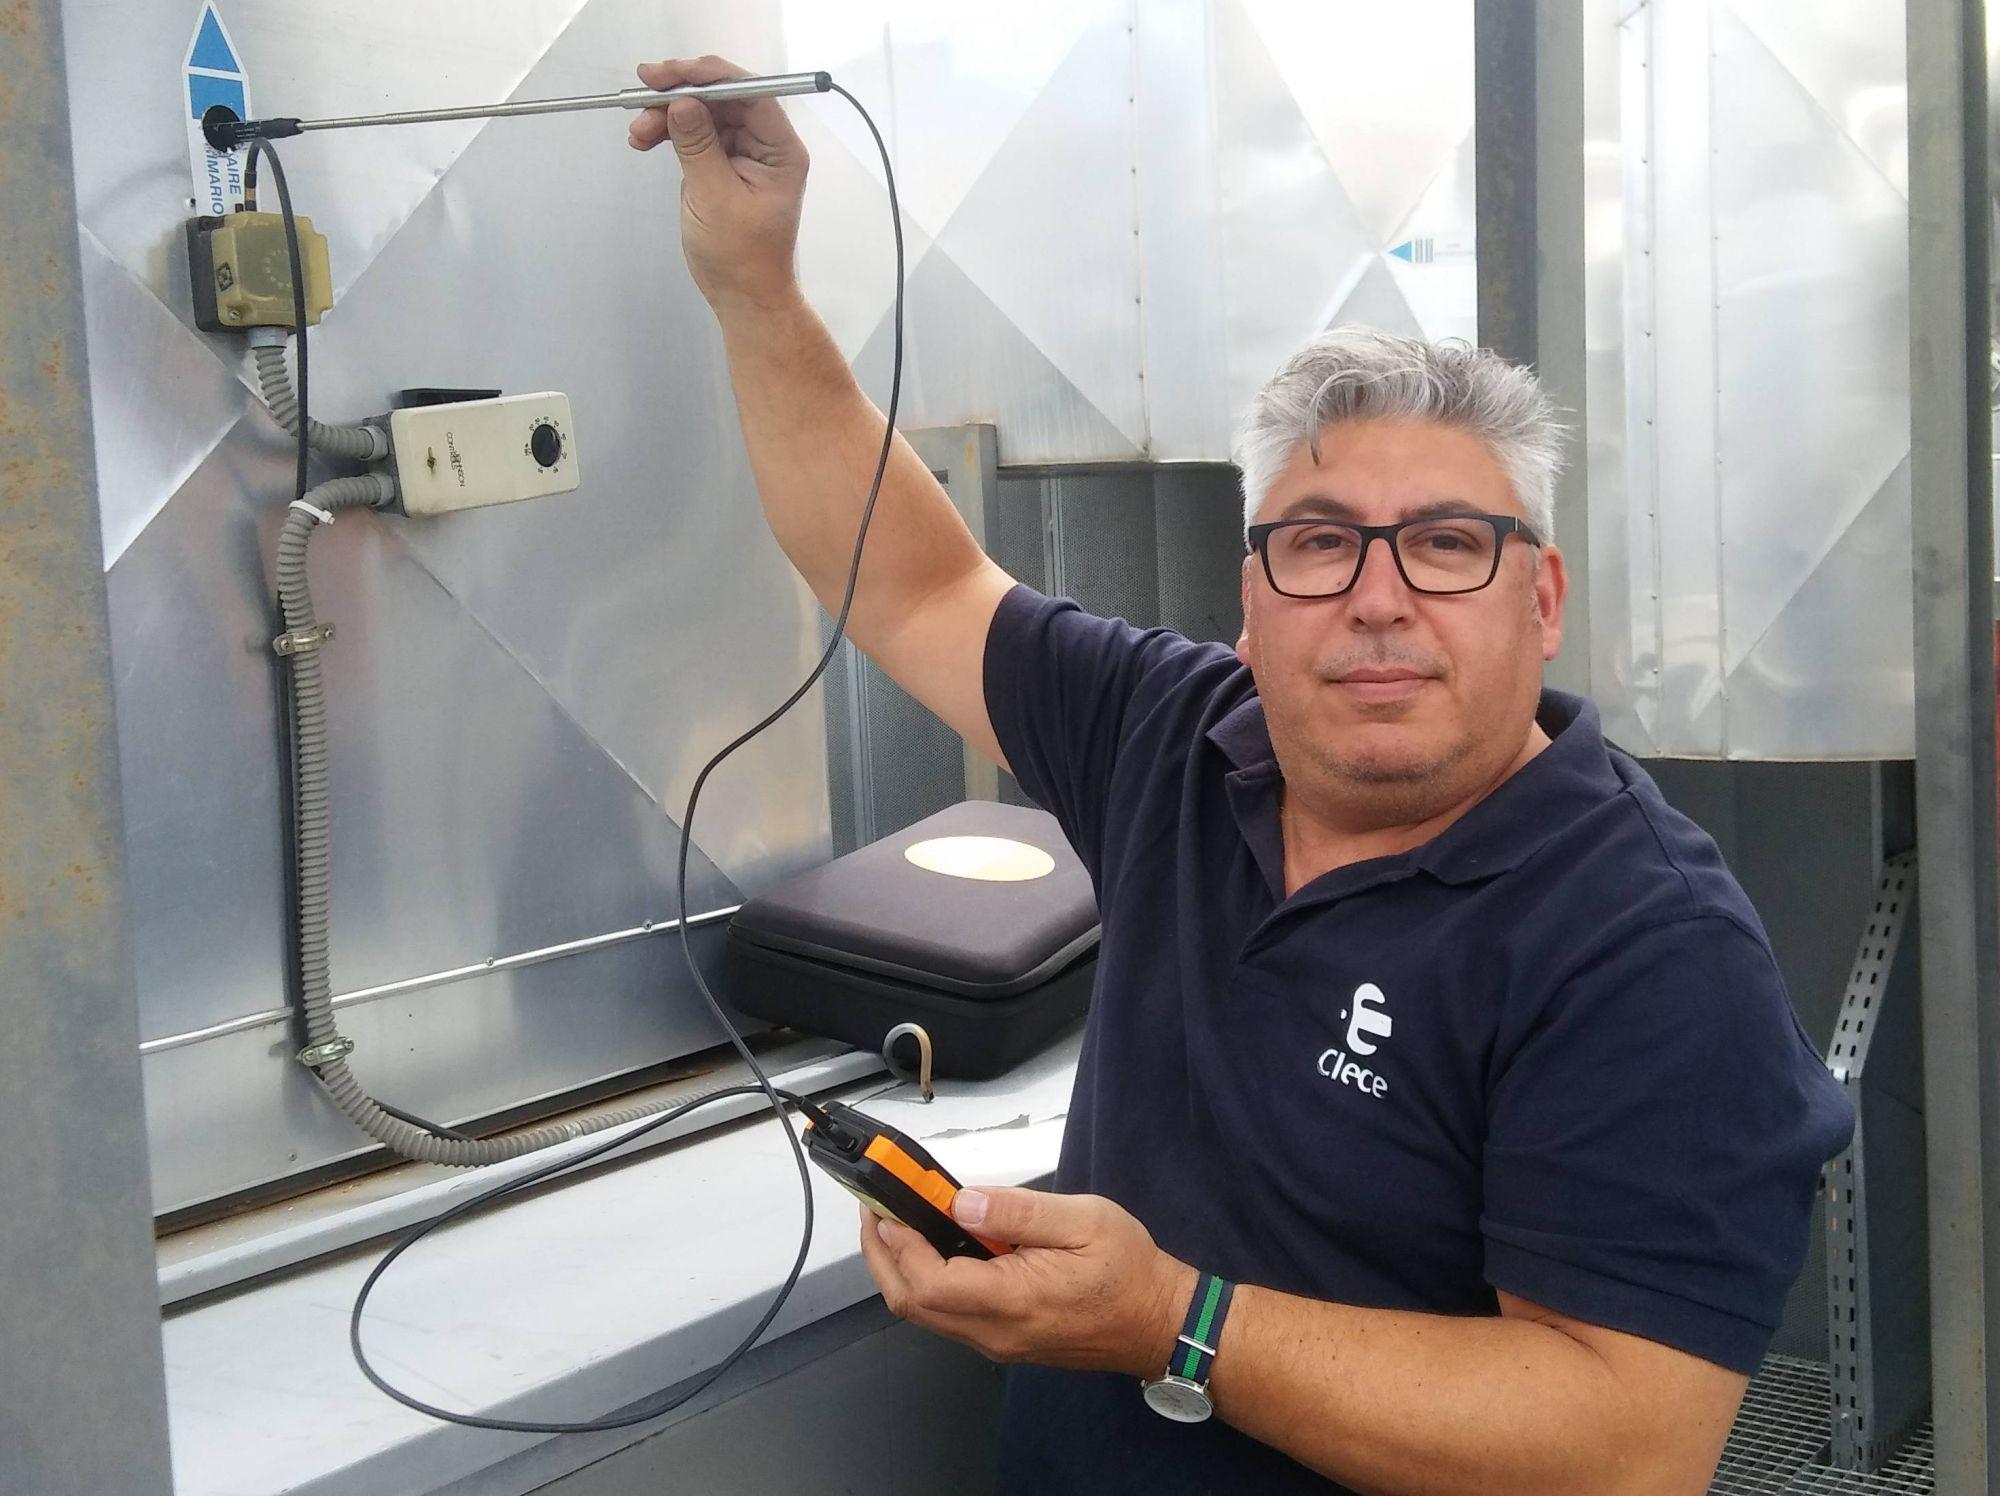 Francisco Montoro prueba el testo 400 para medir en conductos